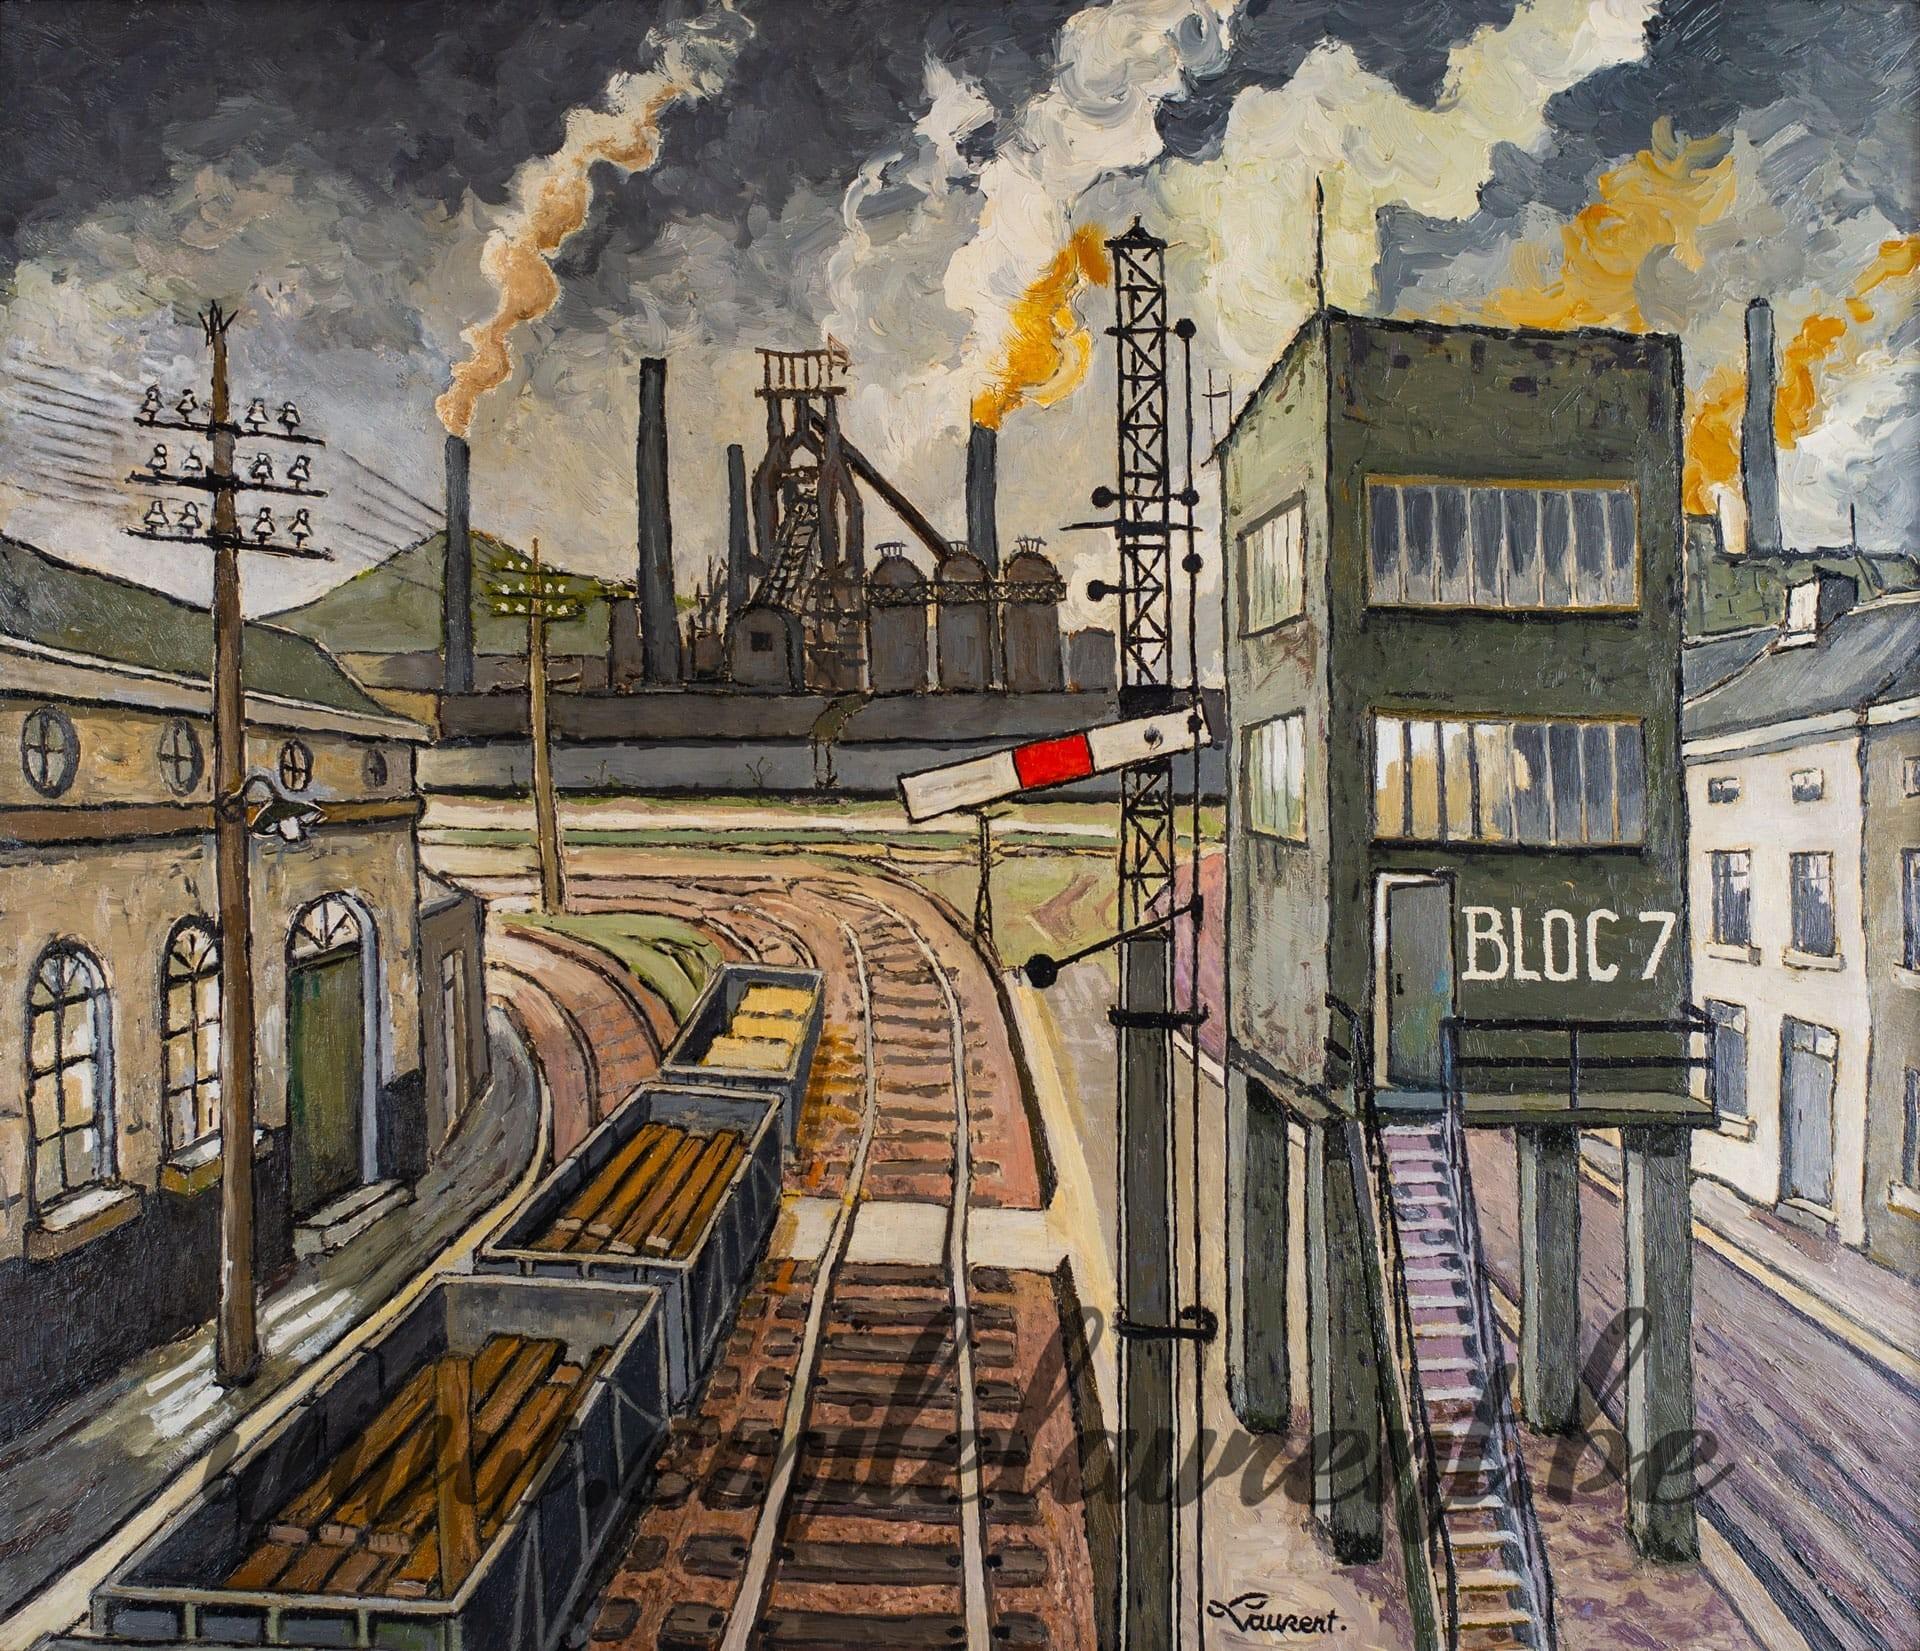 Le Rail, Bloc 7